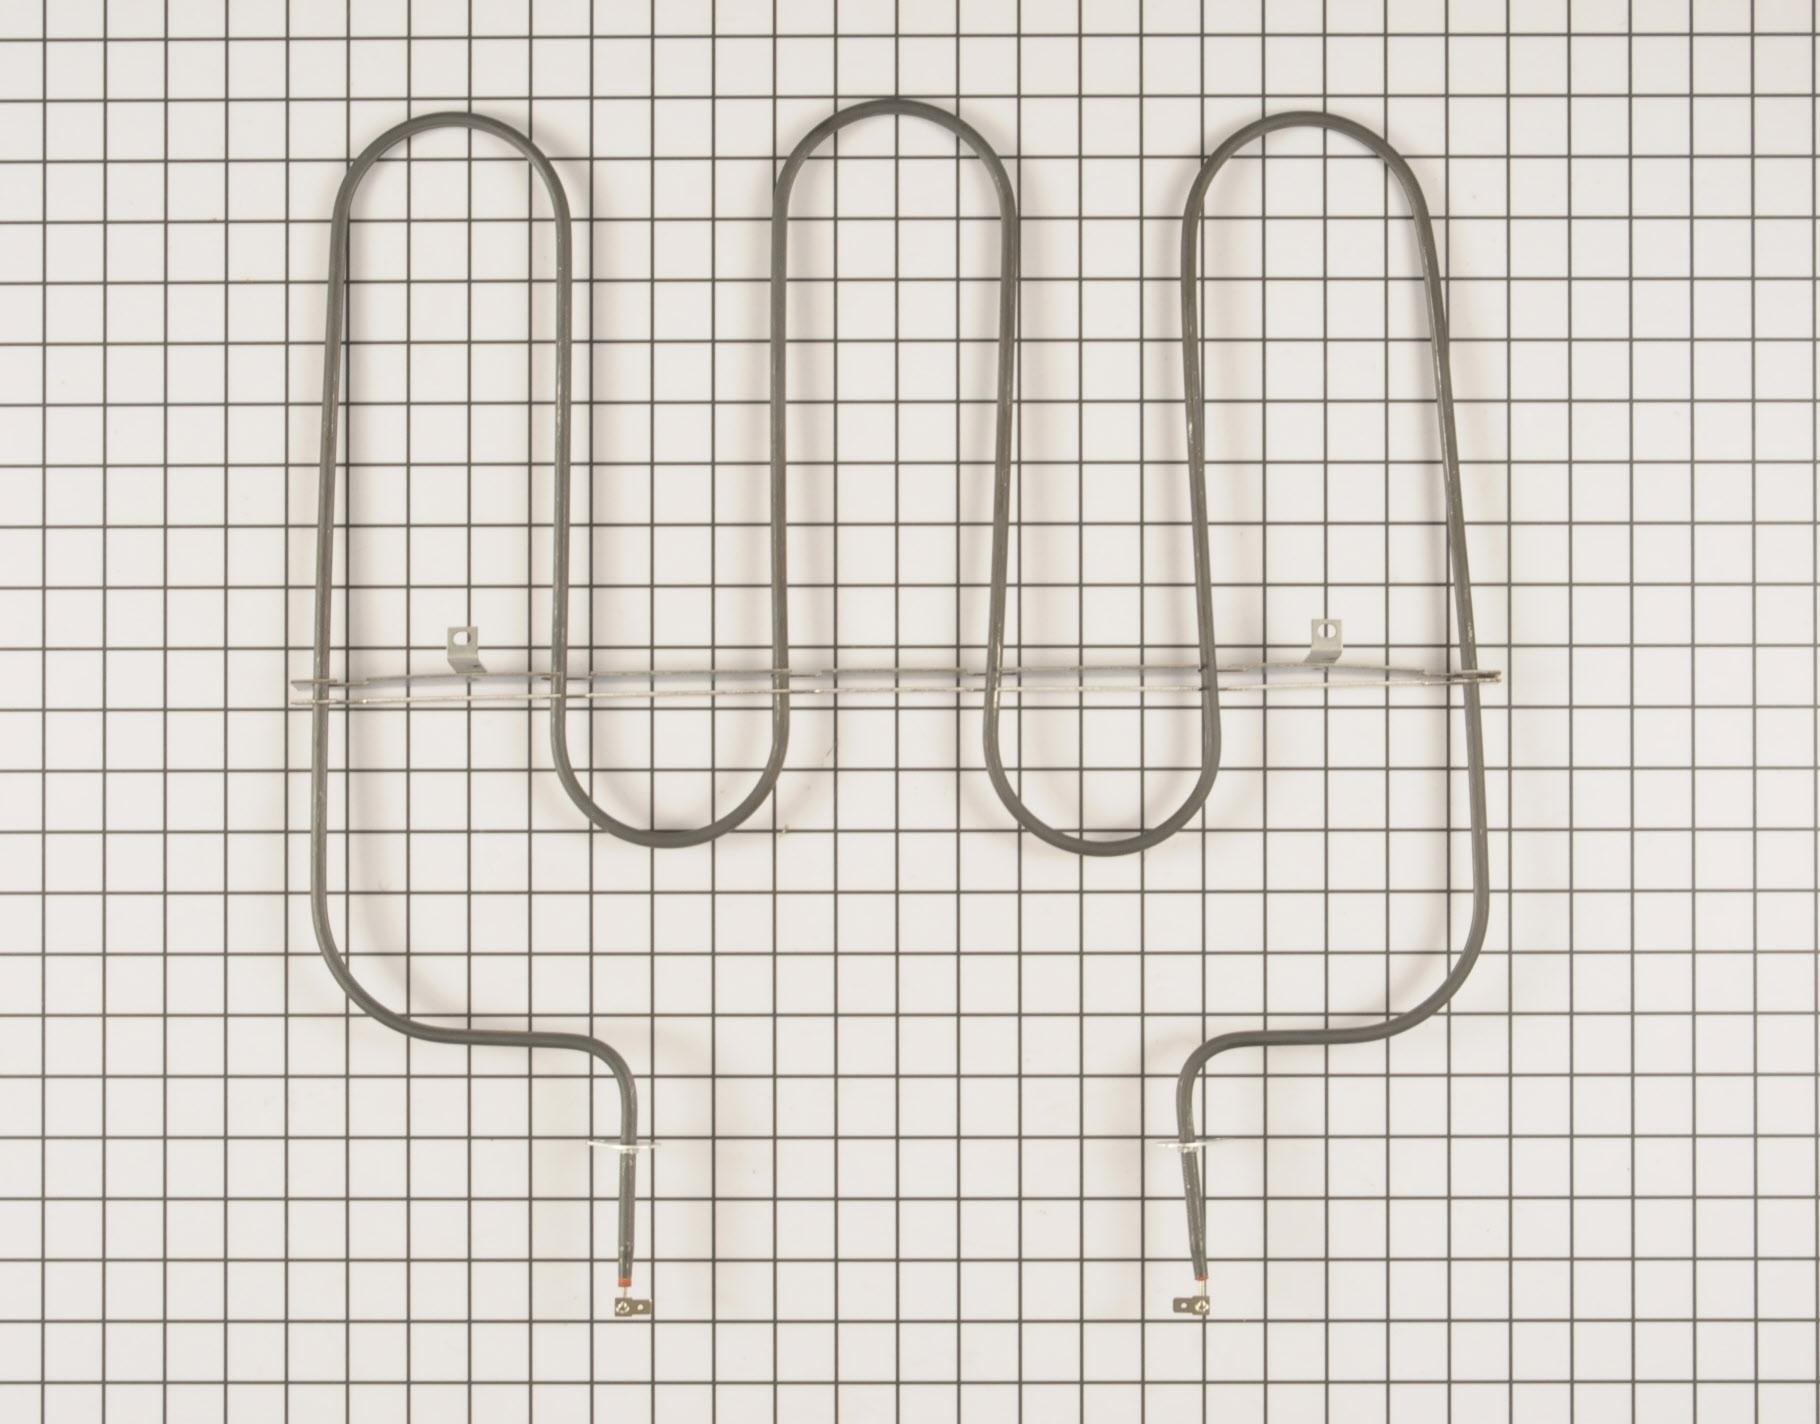 KitchenAid Range/Stove/Oven Part # WP9757341 - Broil Element